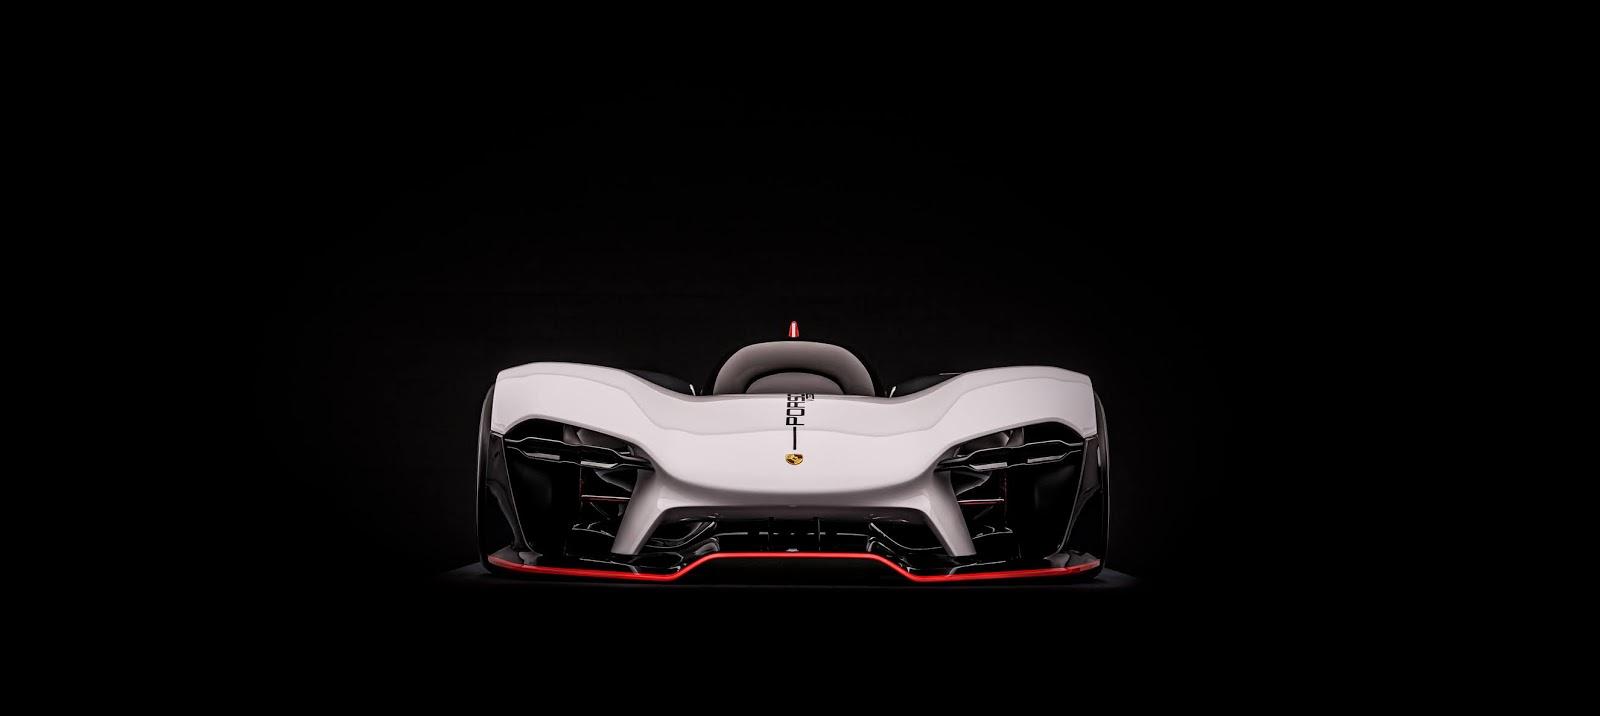 Capture0037 Τα άγνωστα Hypercars της Porsche hypercar, Porsche, Porsche Unseen, Sunday, supercar, supercars, zblog, ειδήσεις